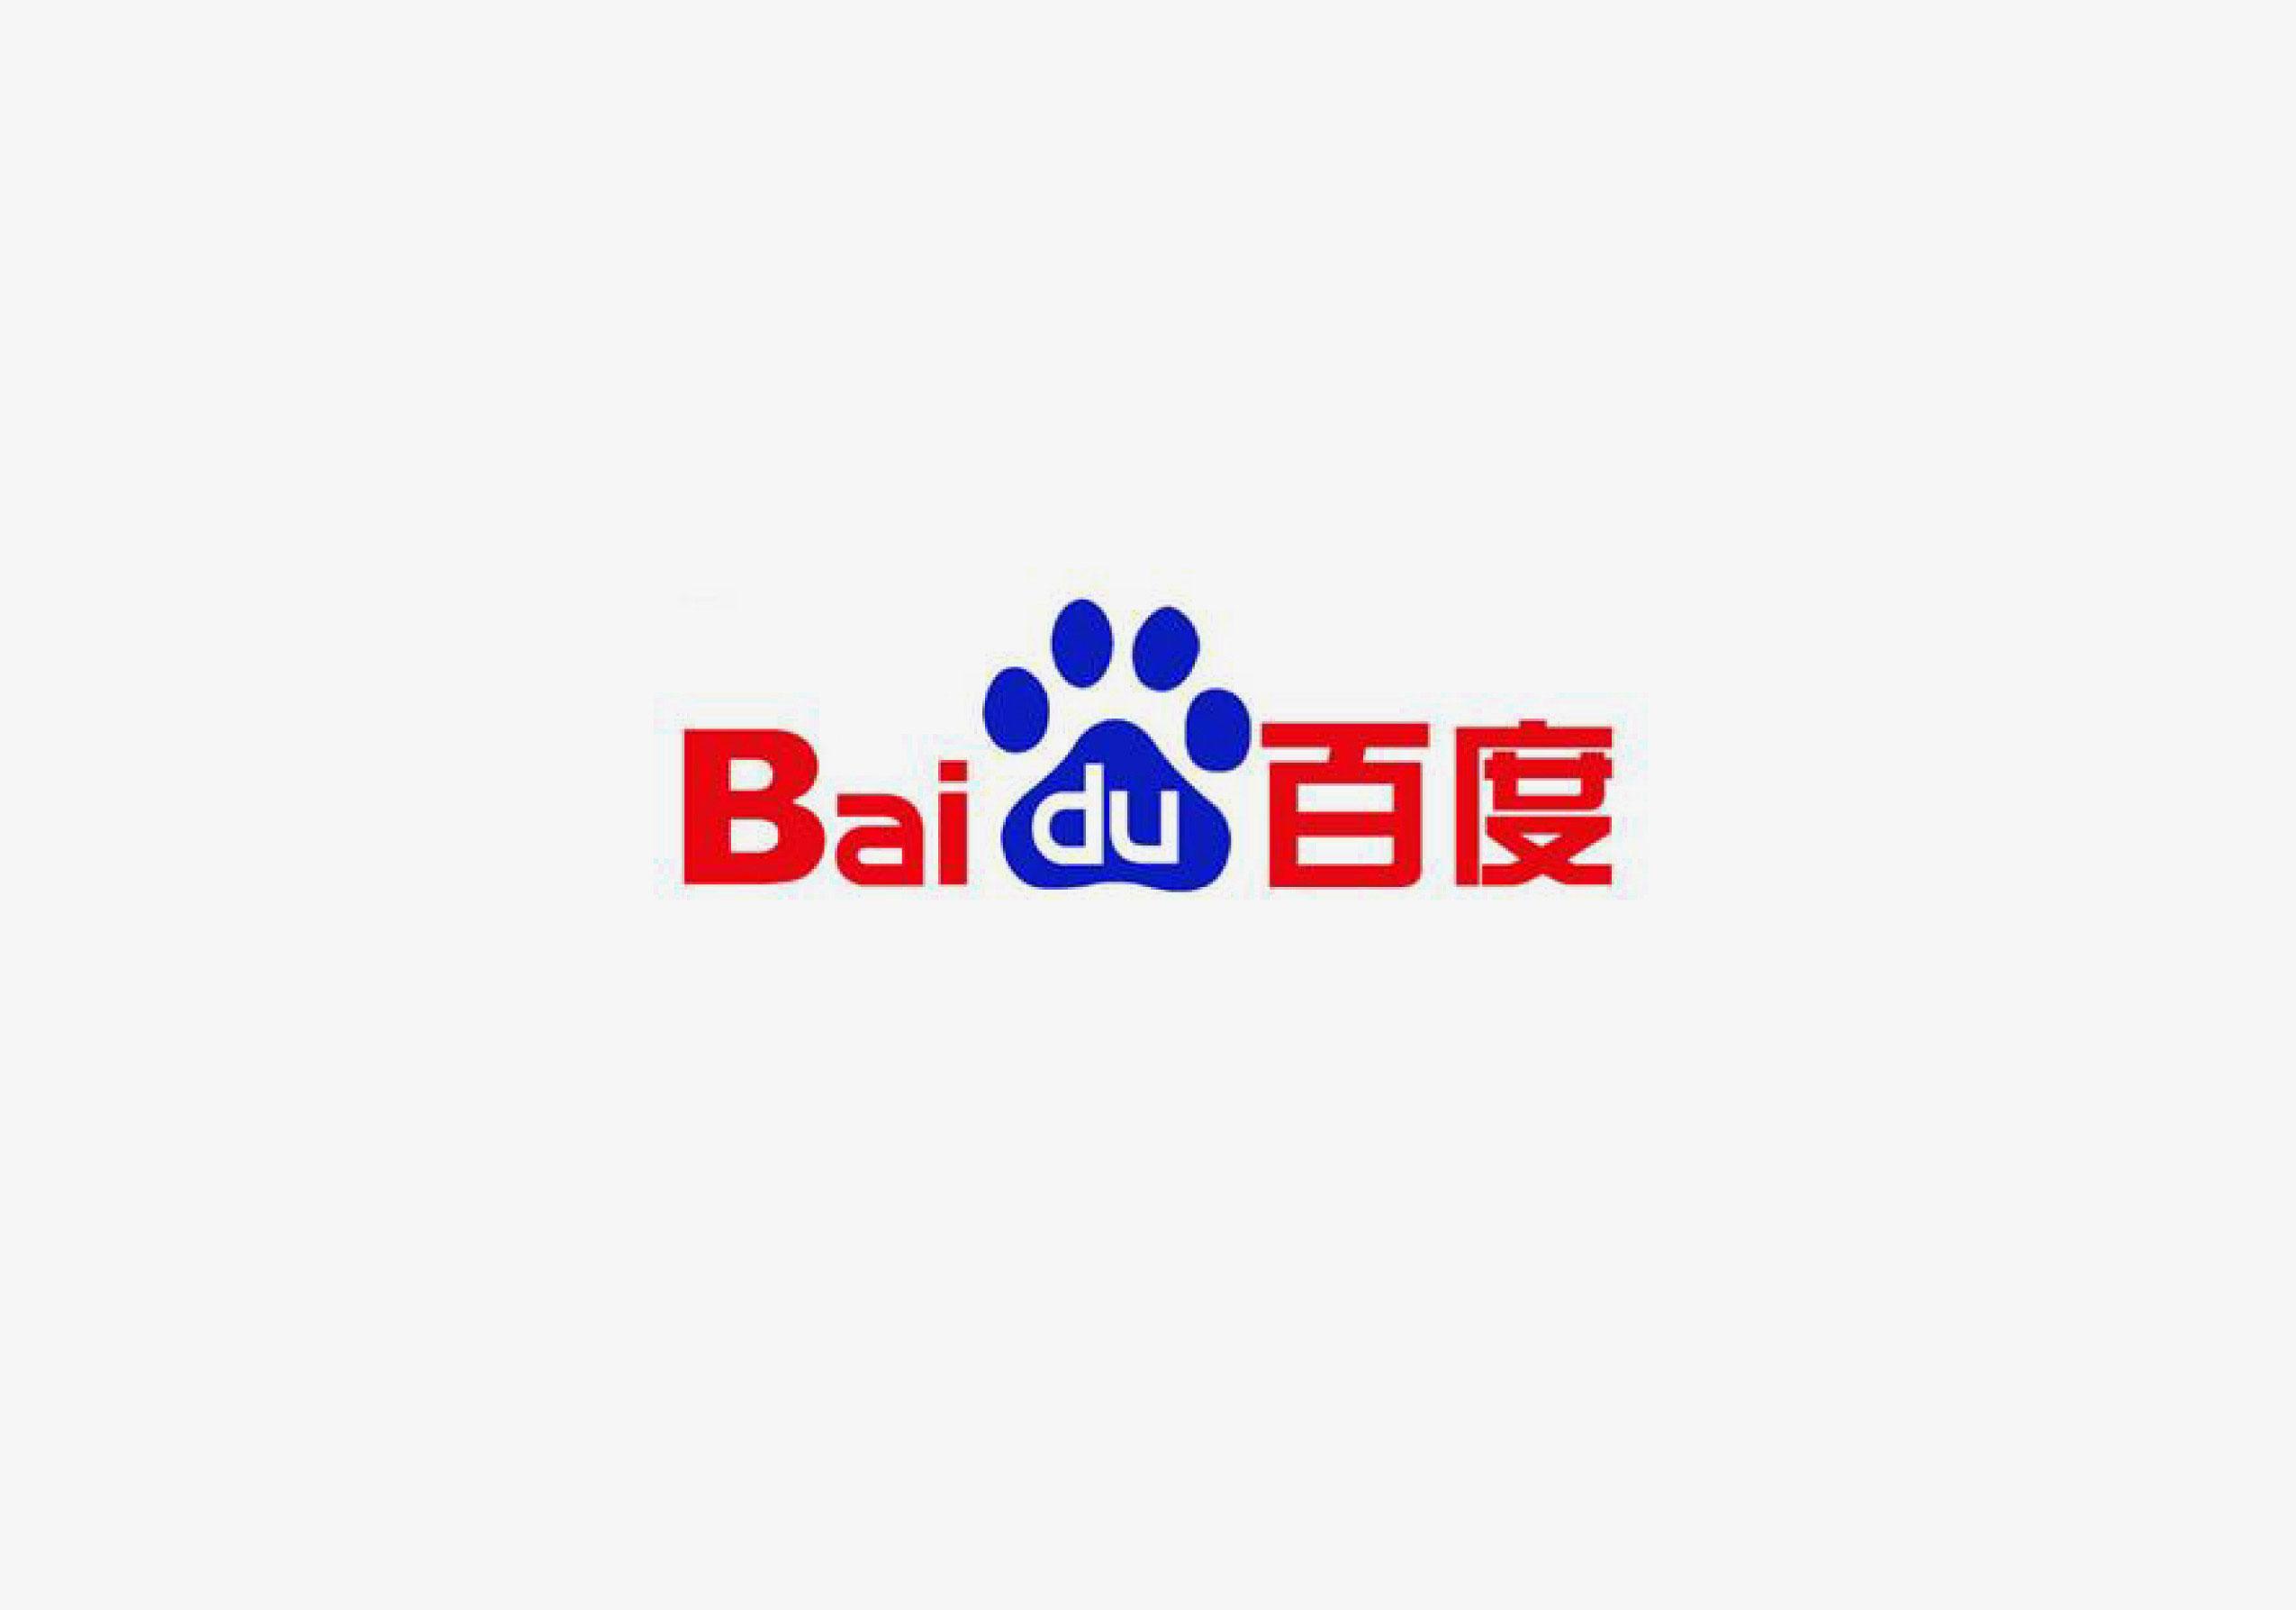 3百度-2015_广告设计_公司logo设计_vi系统_北京_.